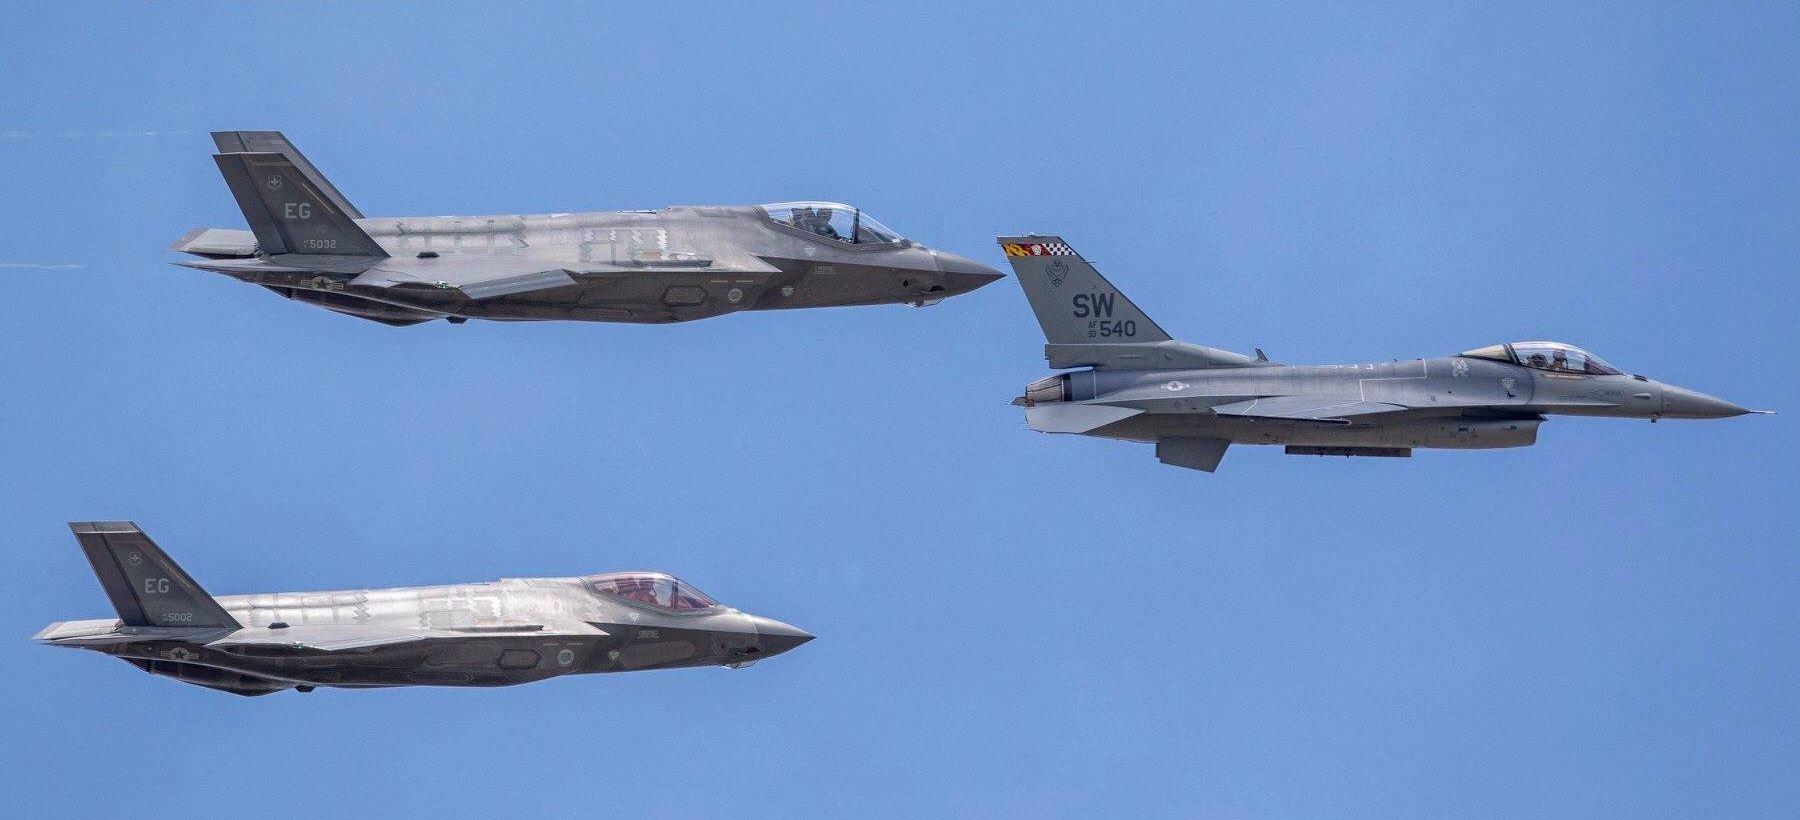 Lockheed-madarak: a vezér a Falcon, a kísérők a Lightningok